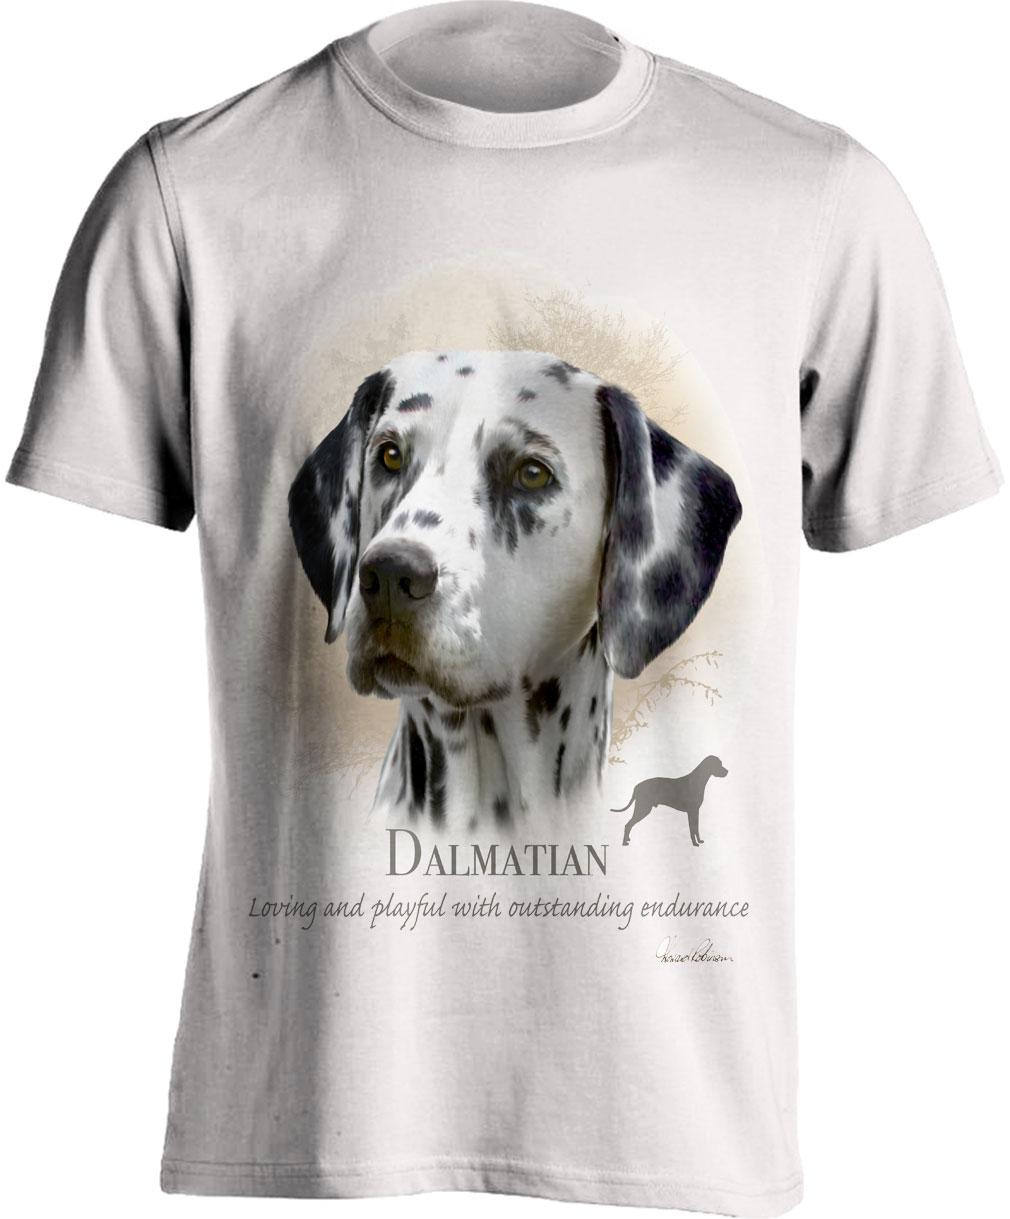 Dalmatian T Shirt